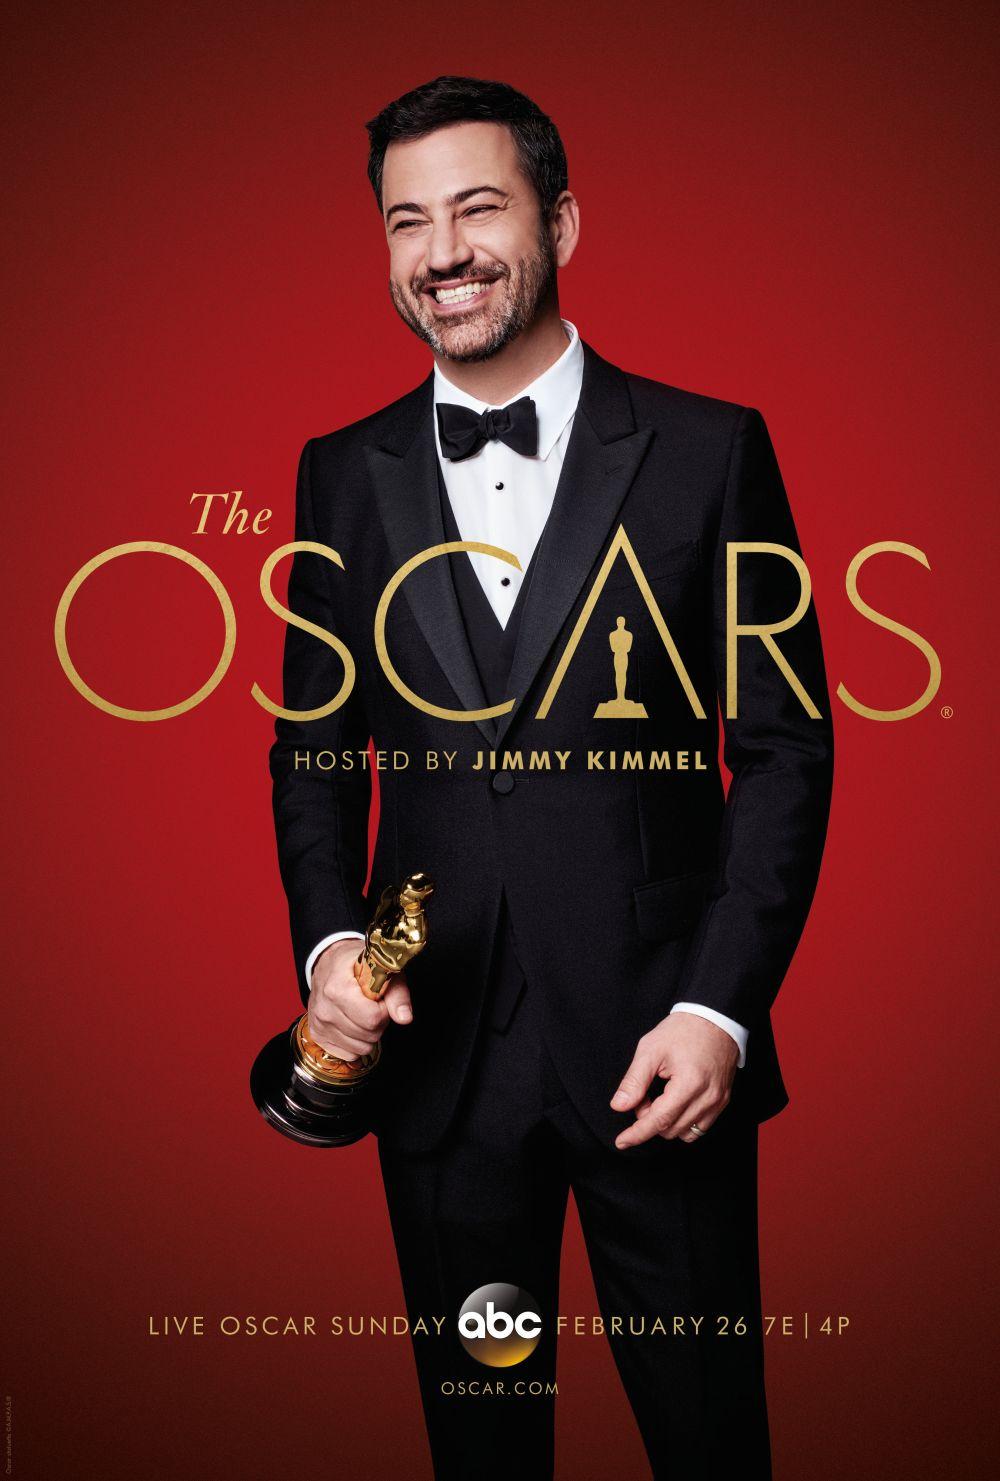 2017-oscars-poster-jimmy-kimmel